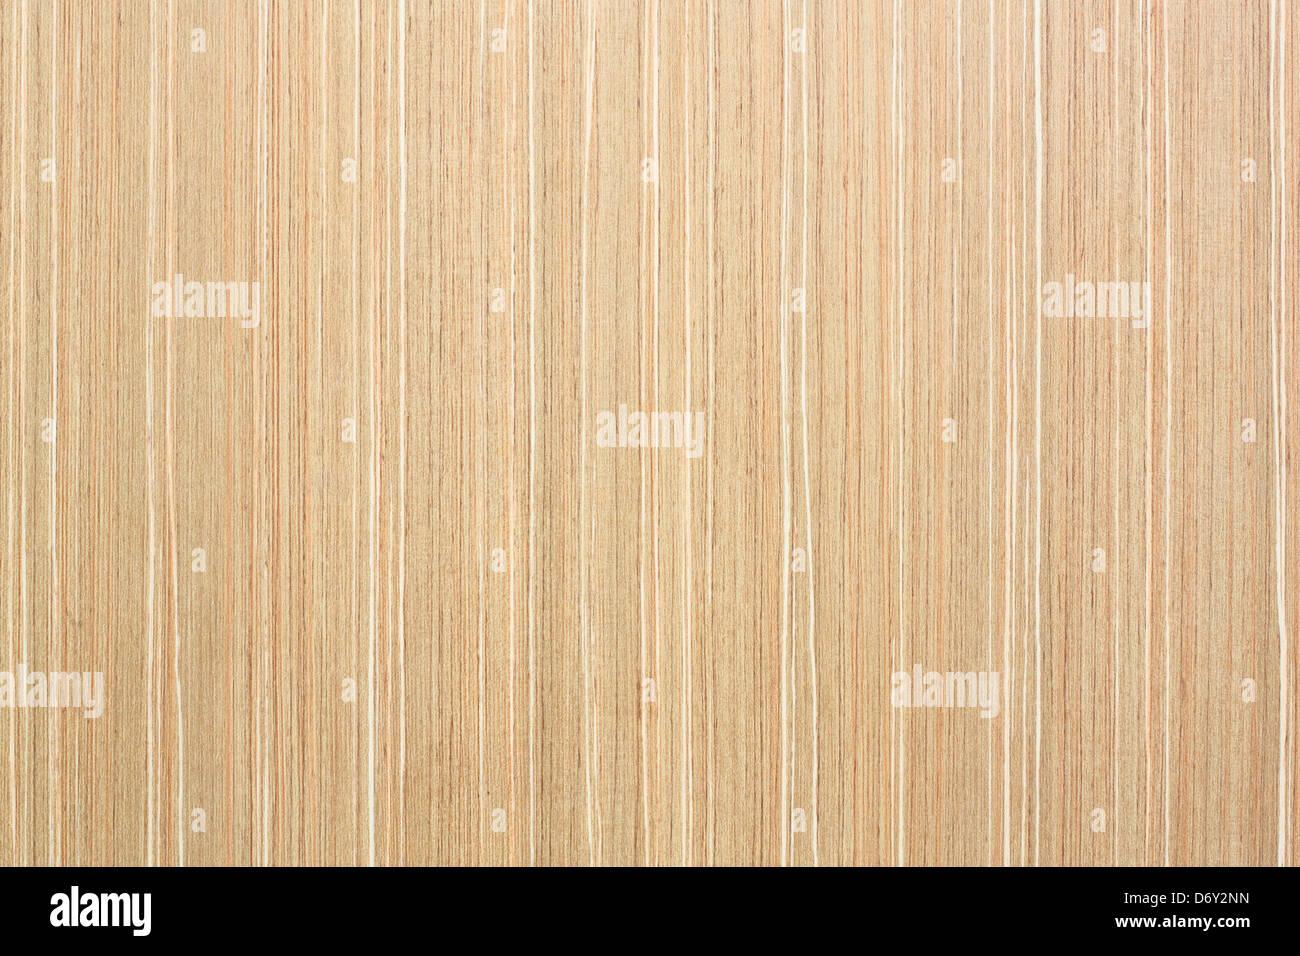 Modern Wood Wall Texture Inside Building